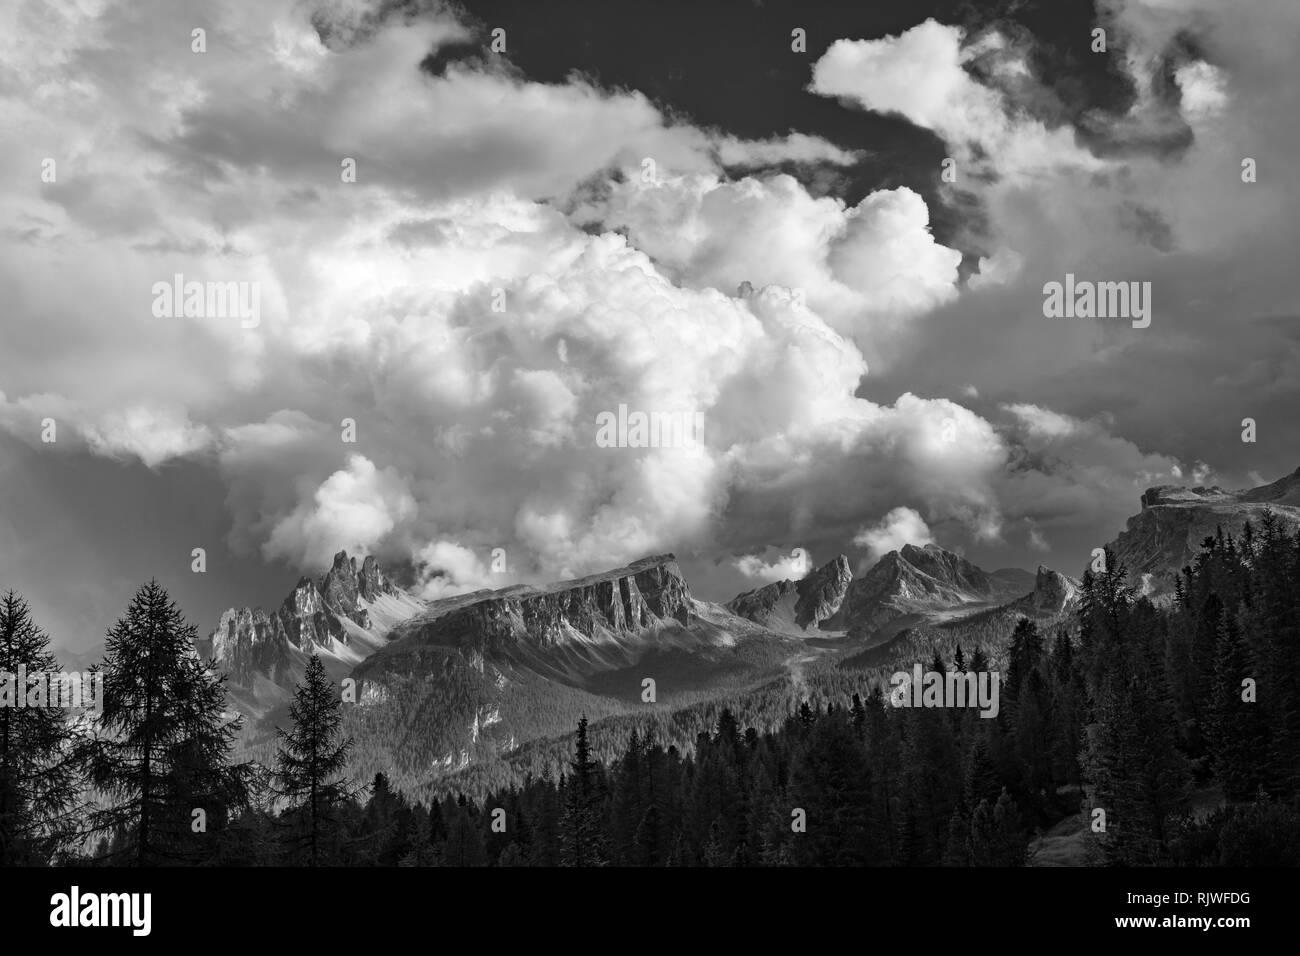 Los Dolomitas, al norte de Italia. Los picos de los 2182m Crepe dei Ronde, Nuvolau (2575m) y Averau (2649m), visto antes una tormenta avanza (b/w) Imagen De Stock